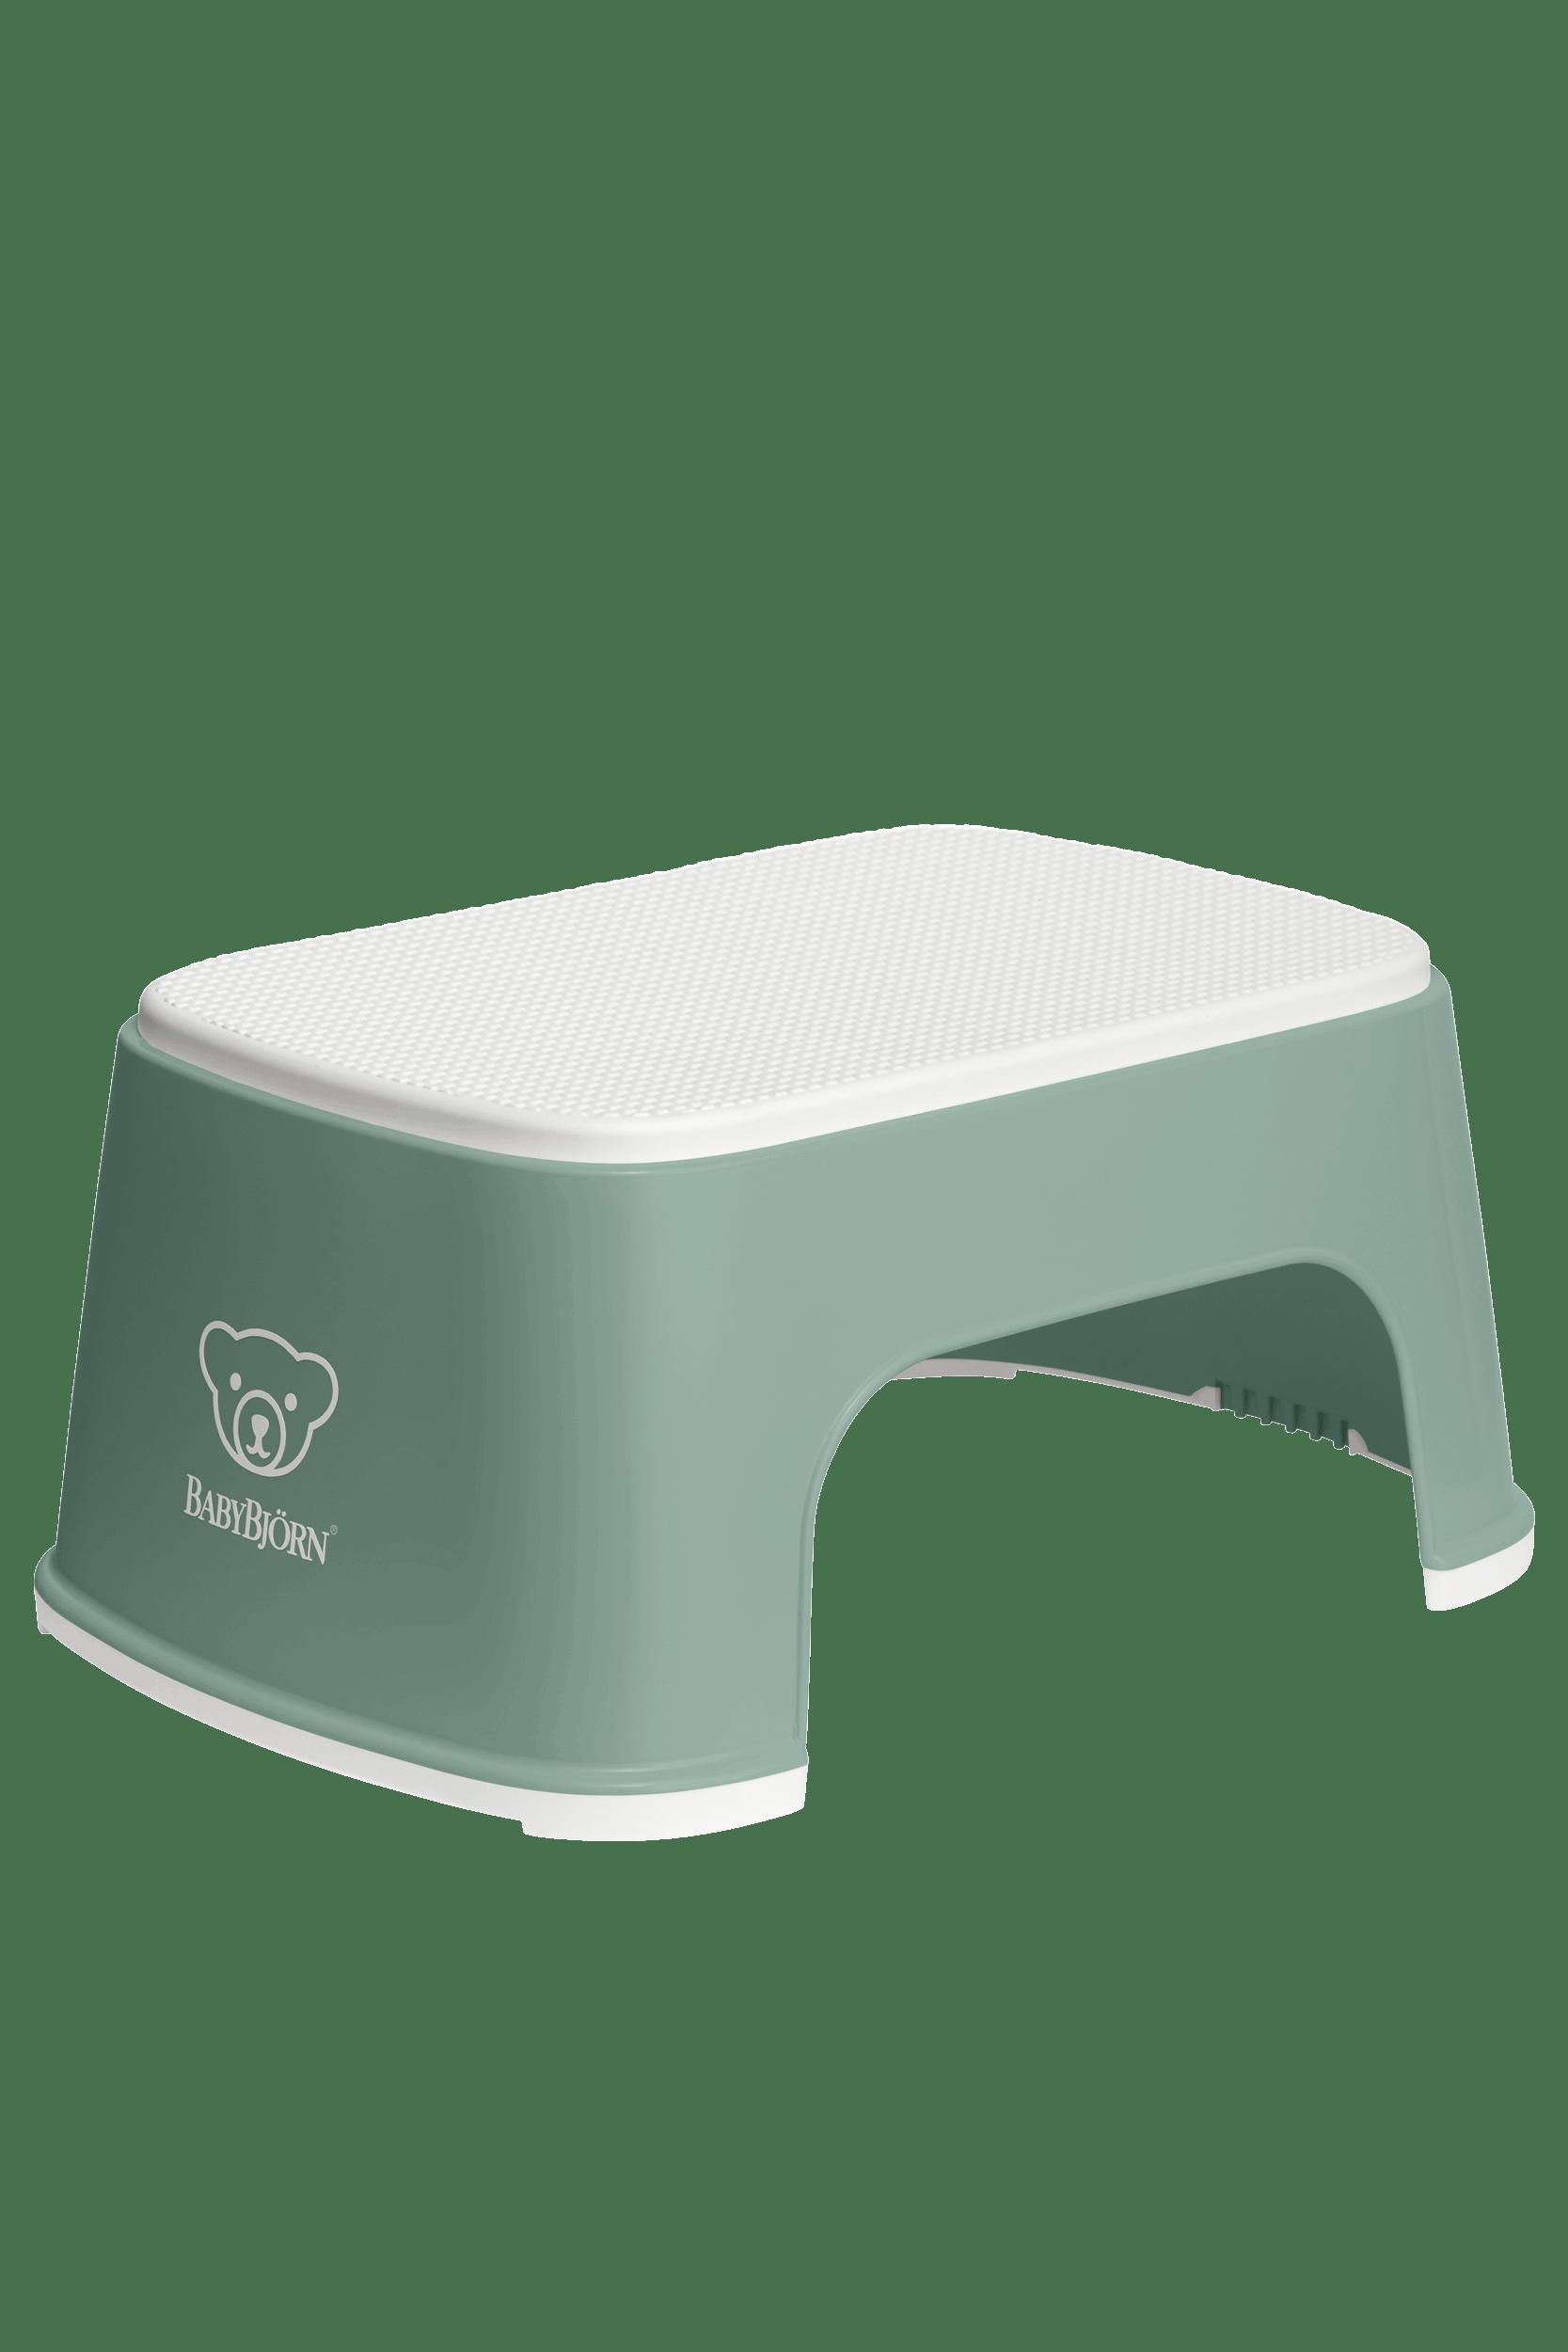 BABYBJÖRN Tritthocker - Graugrün/Weiß